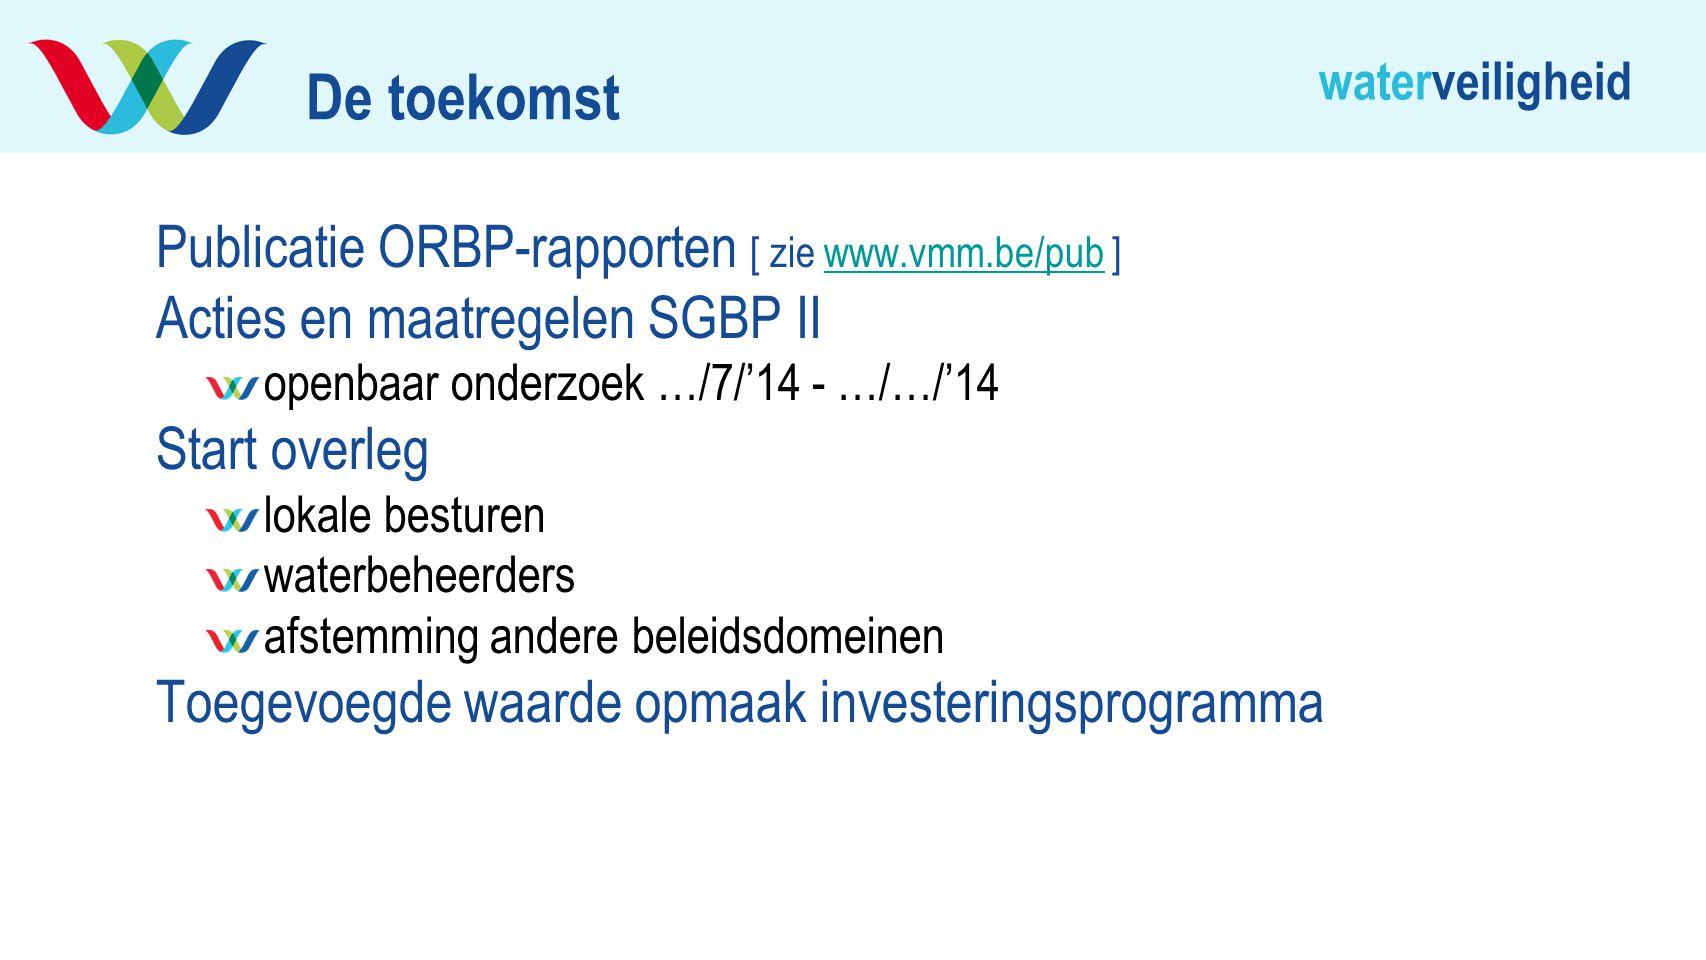 De toekomst Publicatie ORBP-rapporten [ zie www.vmm.be/pub ]